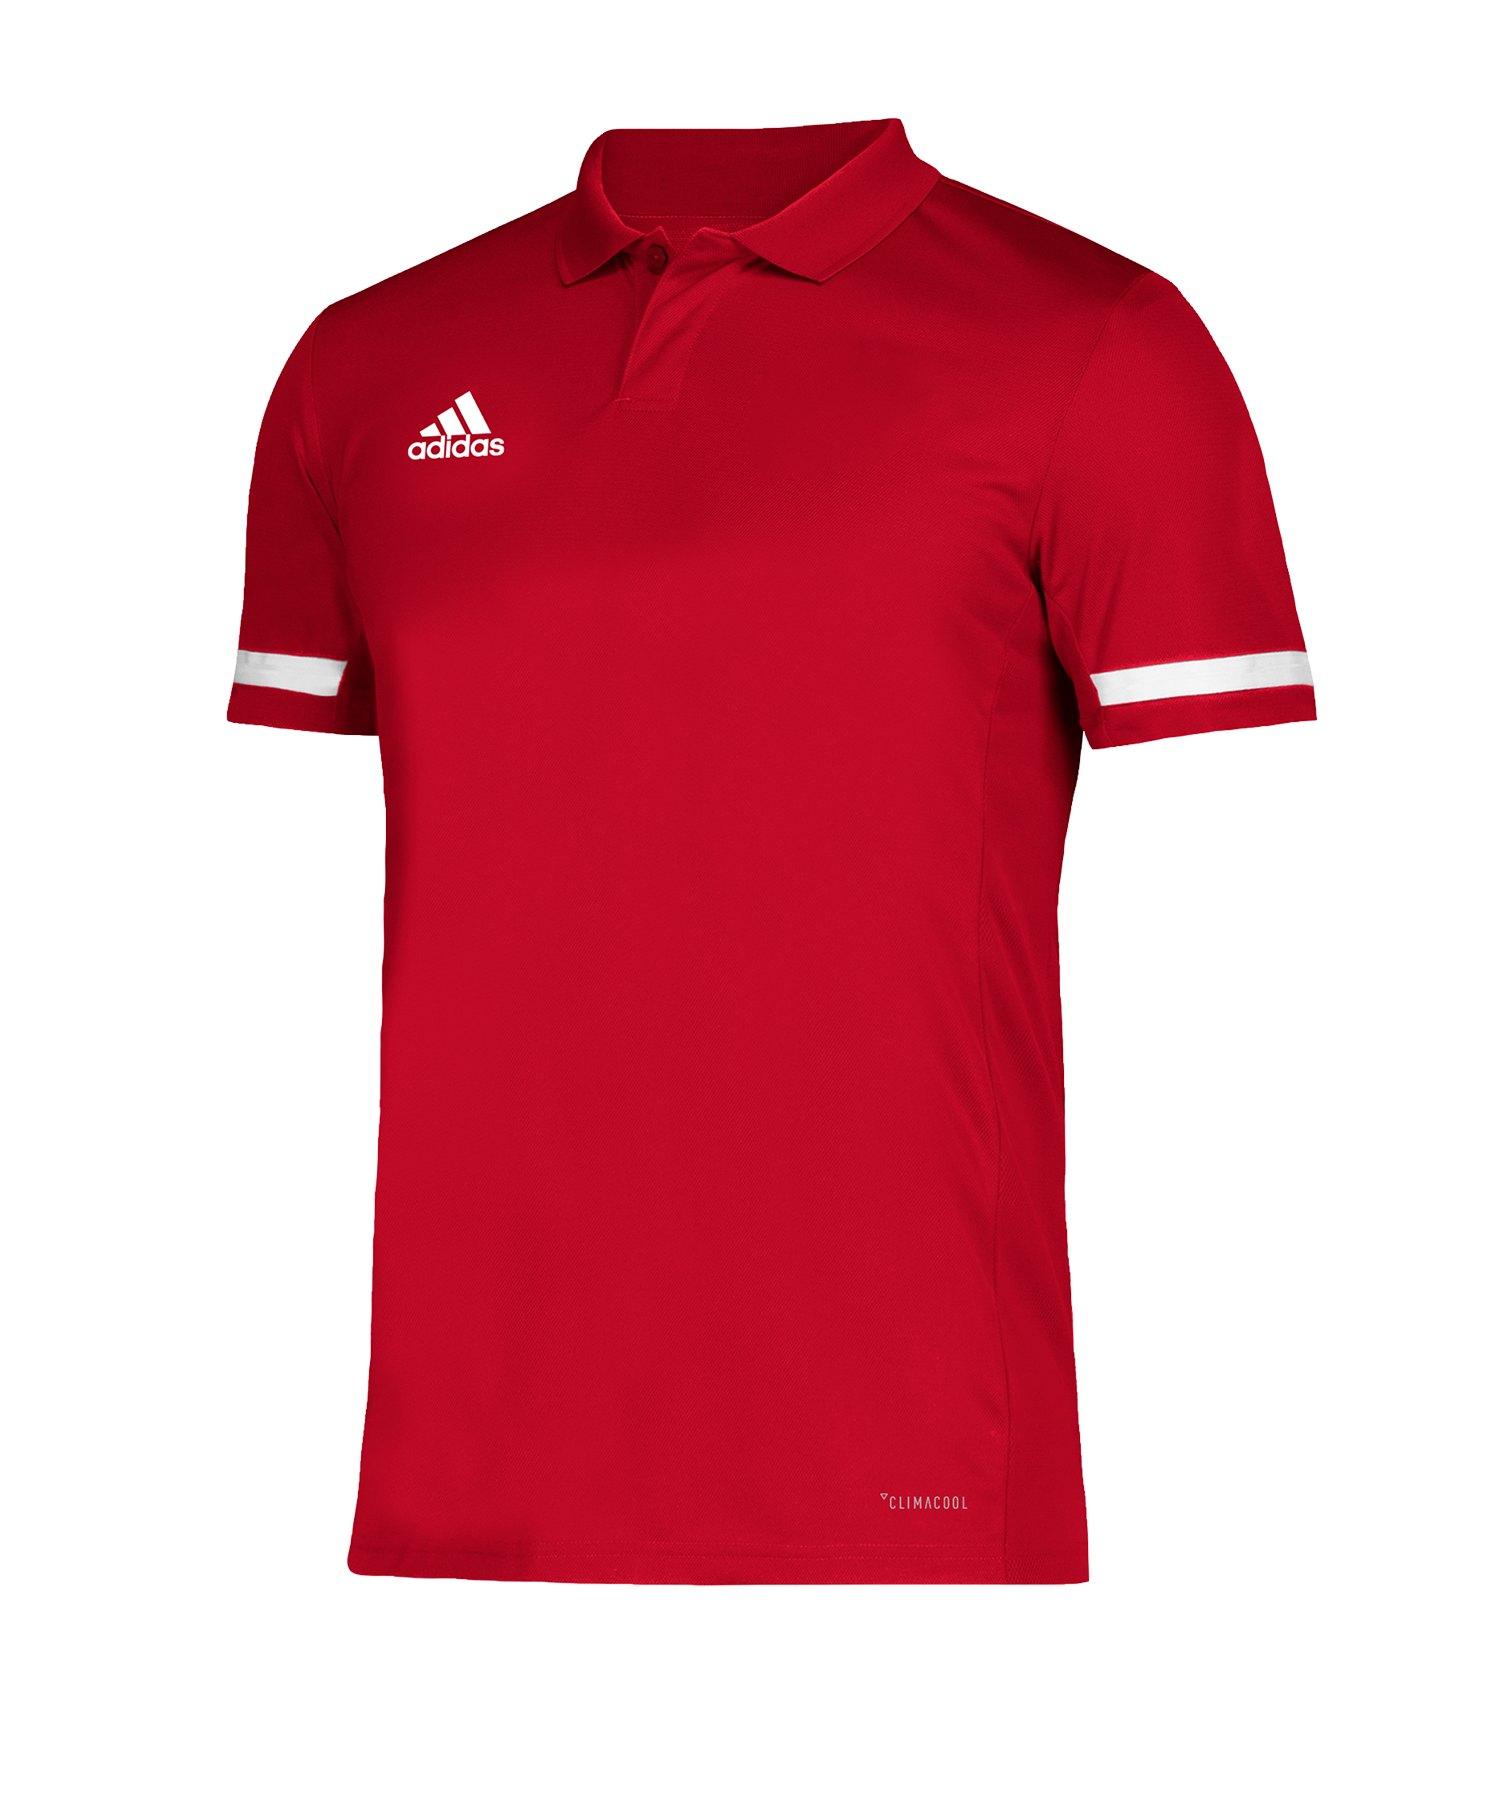 adidas Team 19 Poloshirt Rot Weiss - rot